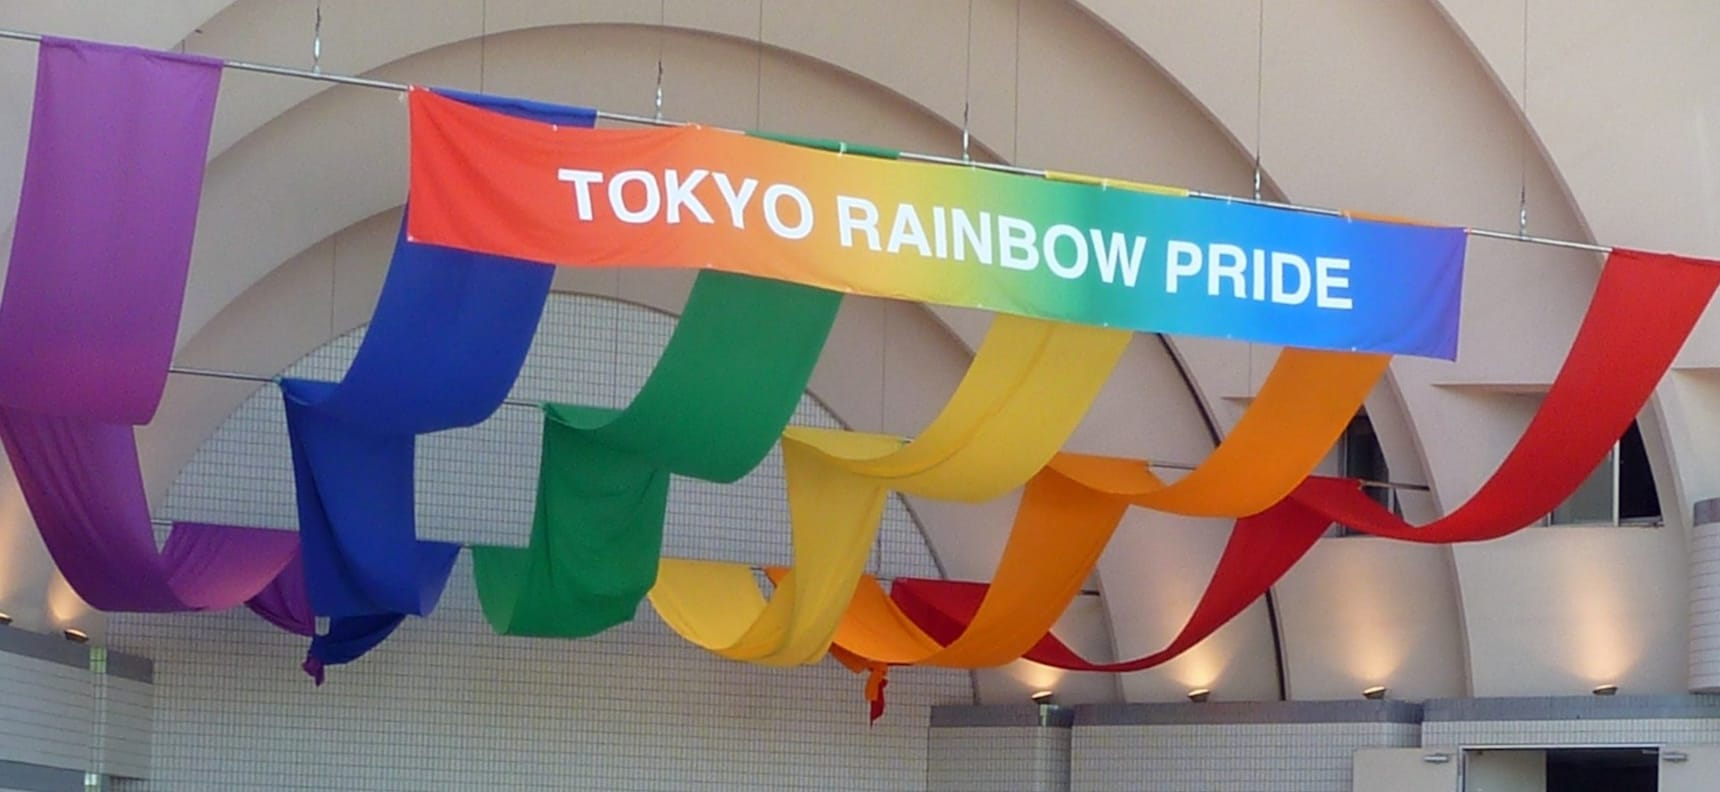 Tokyo Rainbow Pride Guide